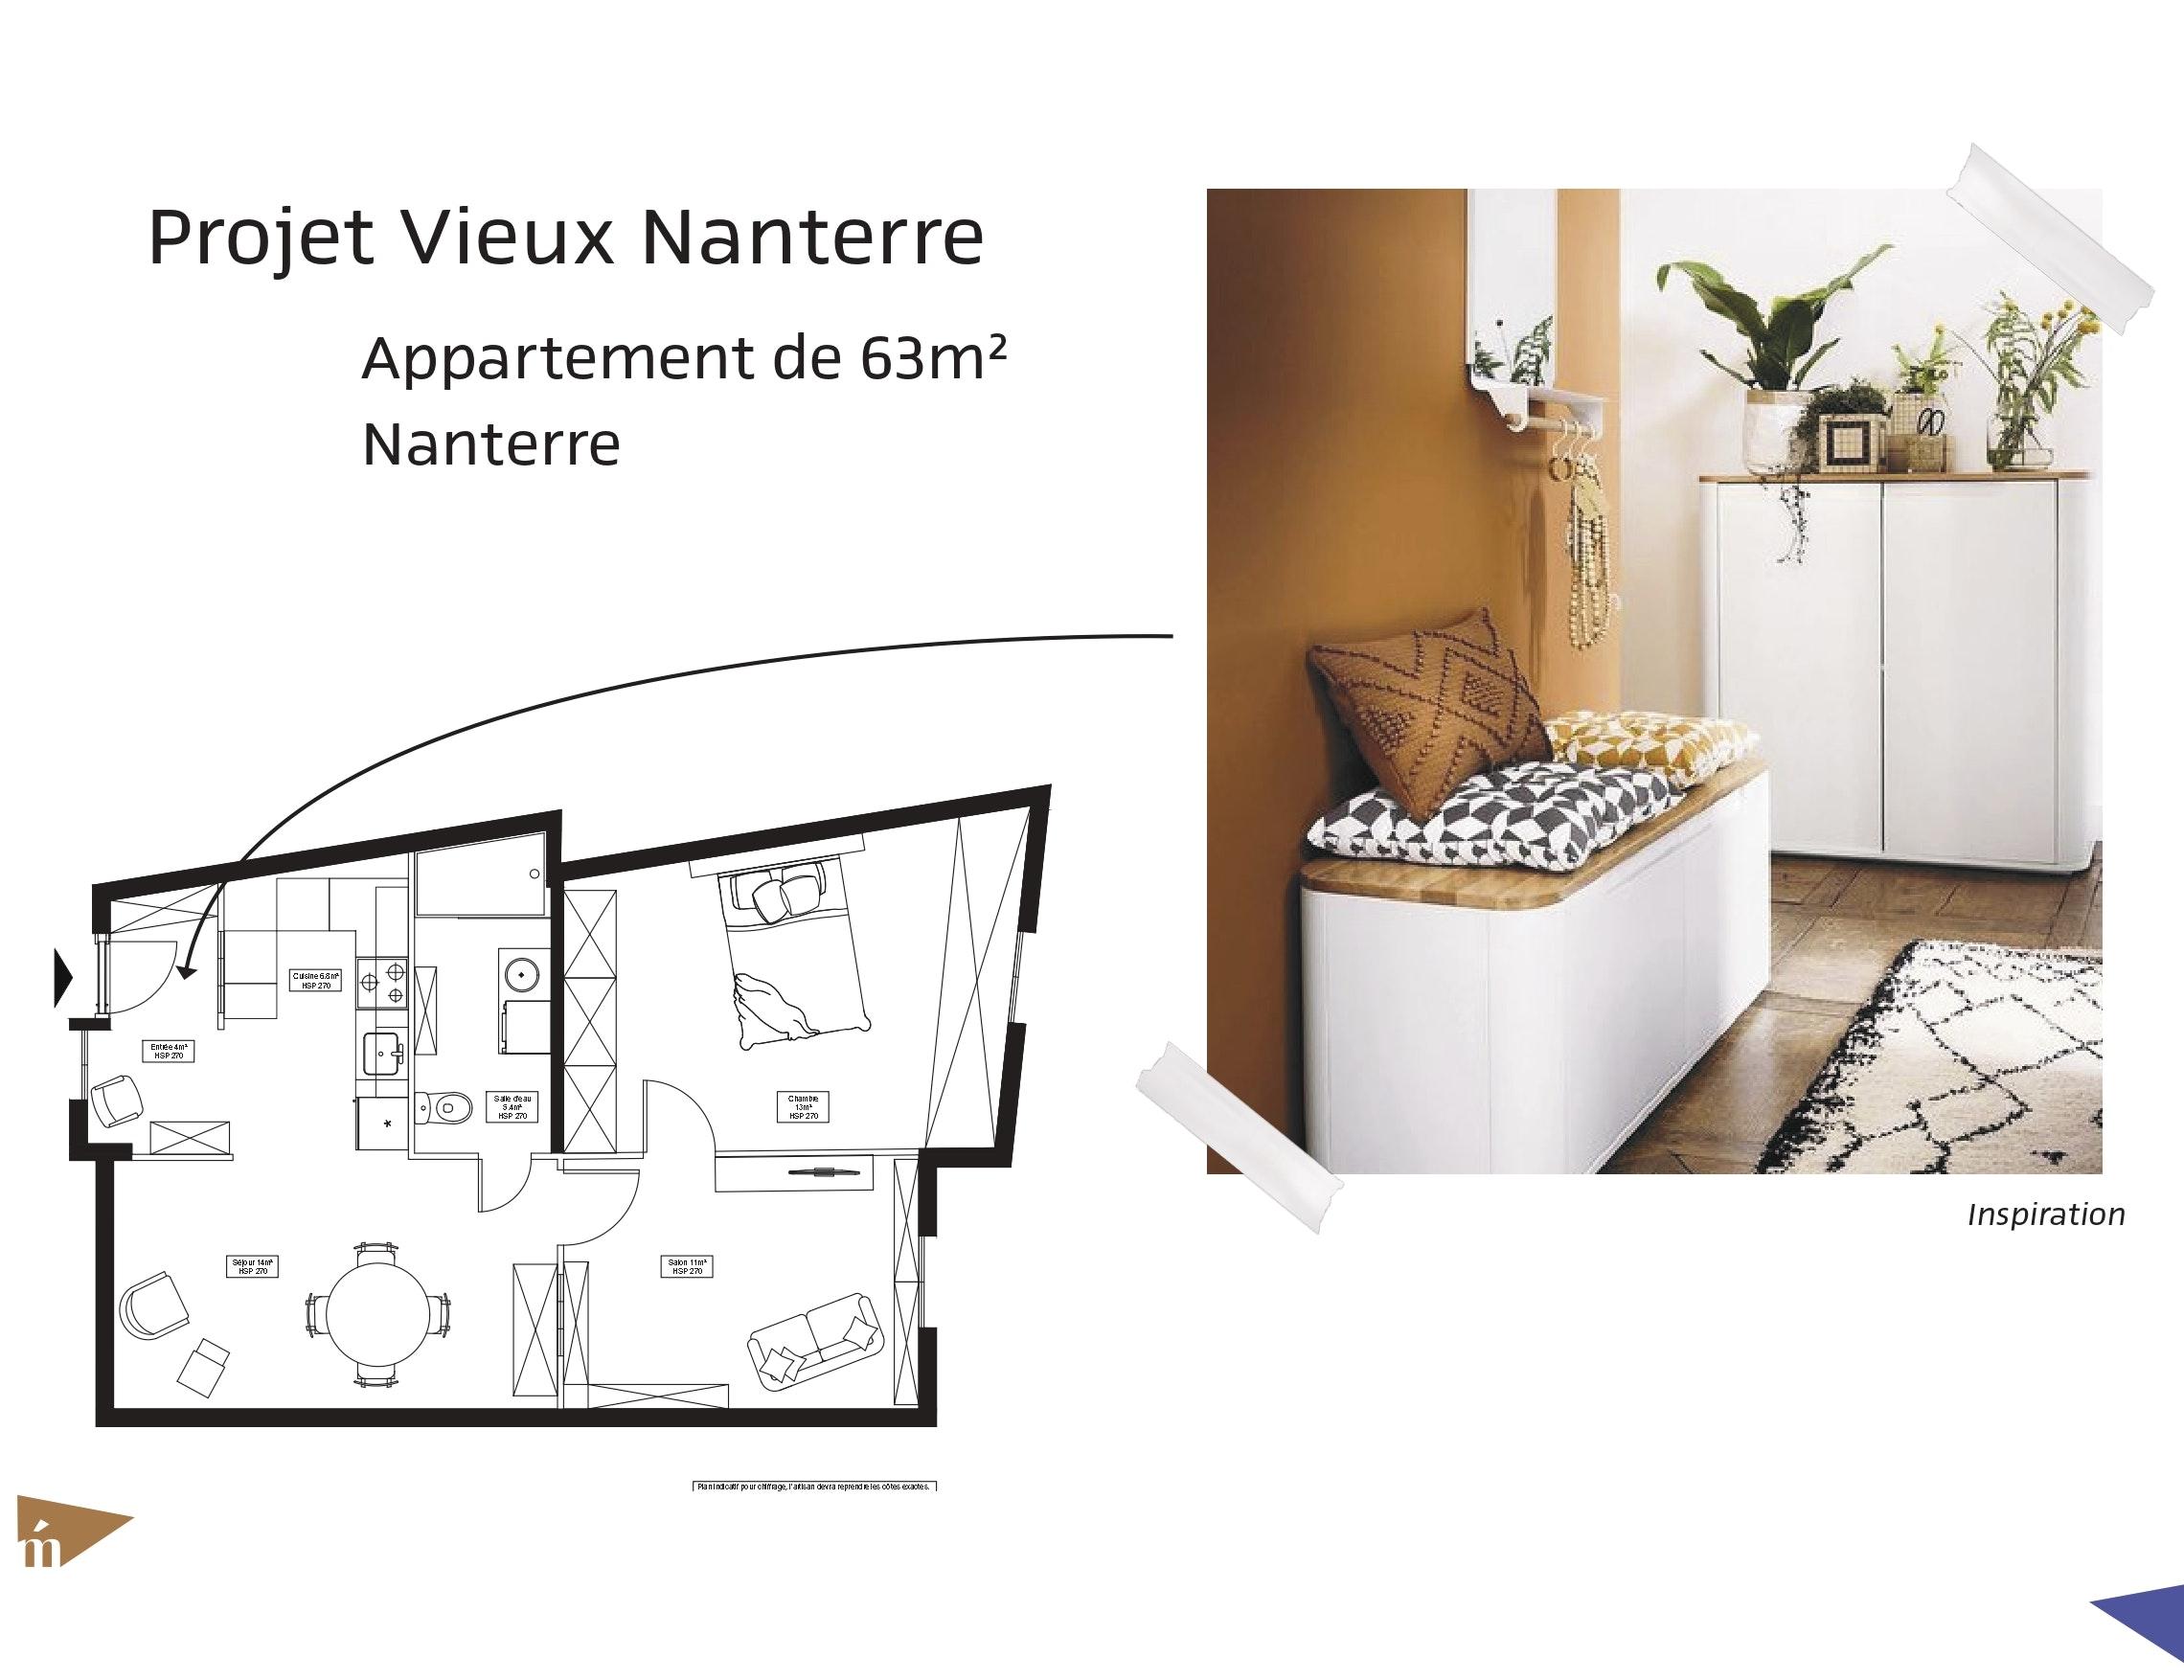 photo Projet Vieux Nanterre - 63m² Léa Mast - Architecte hemea